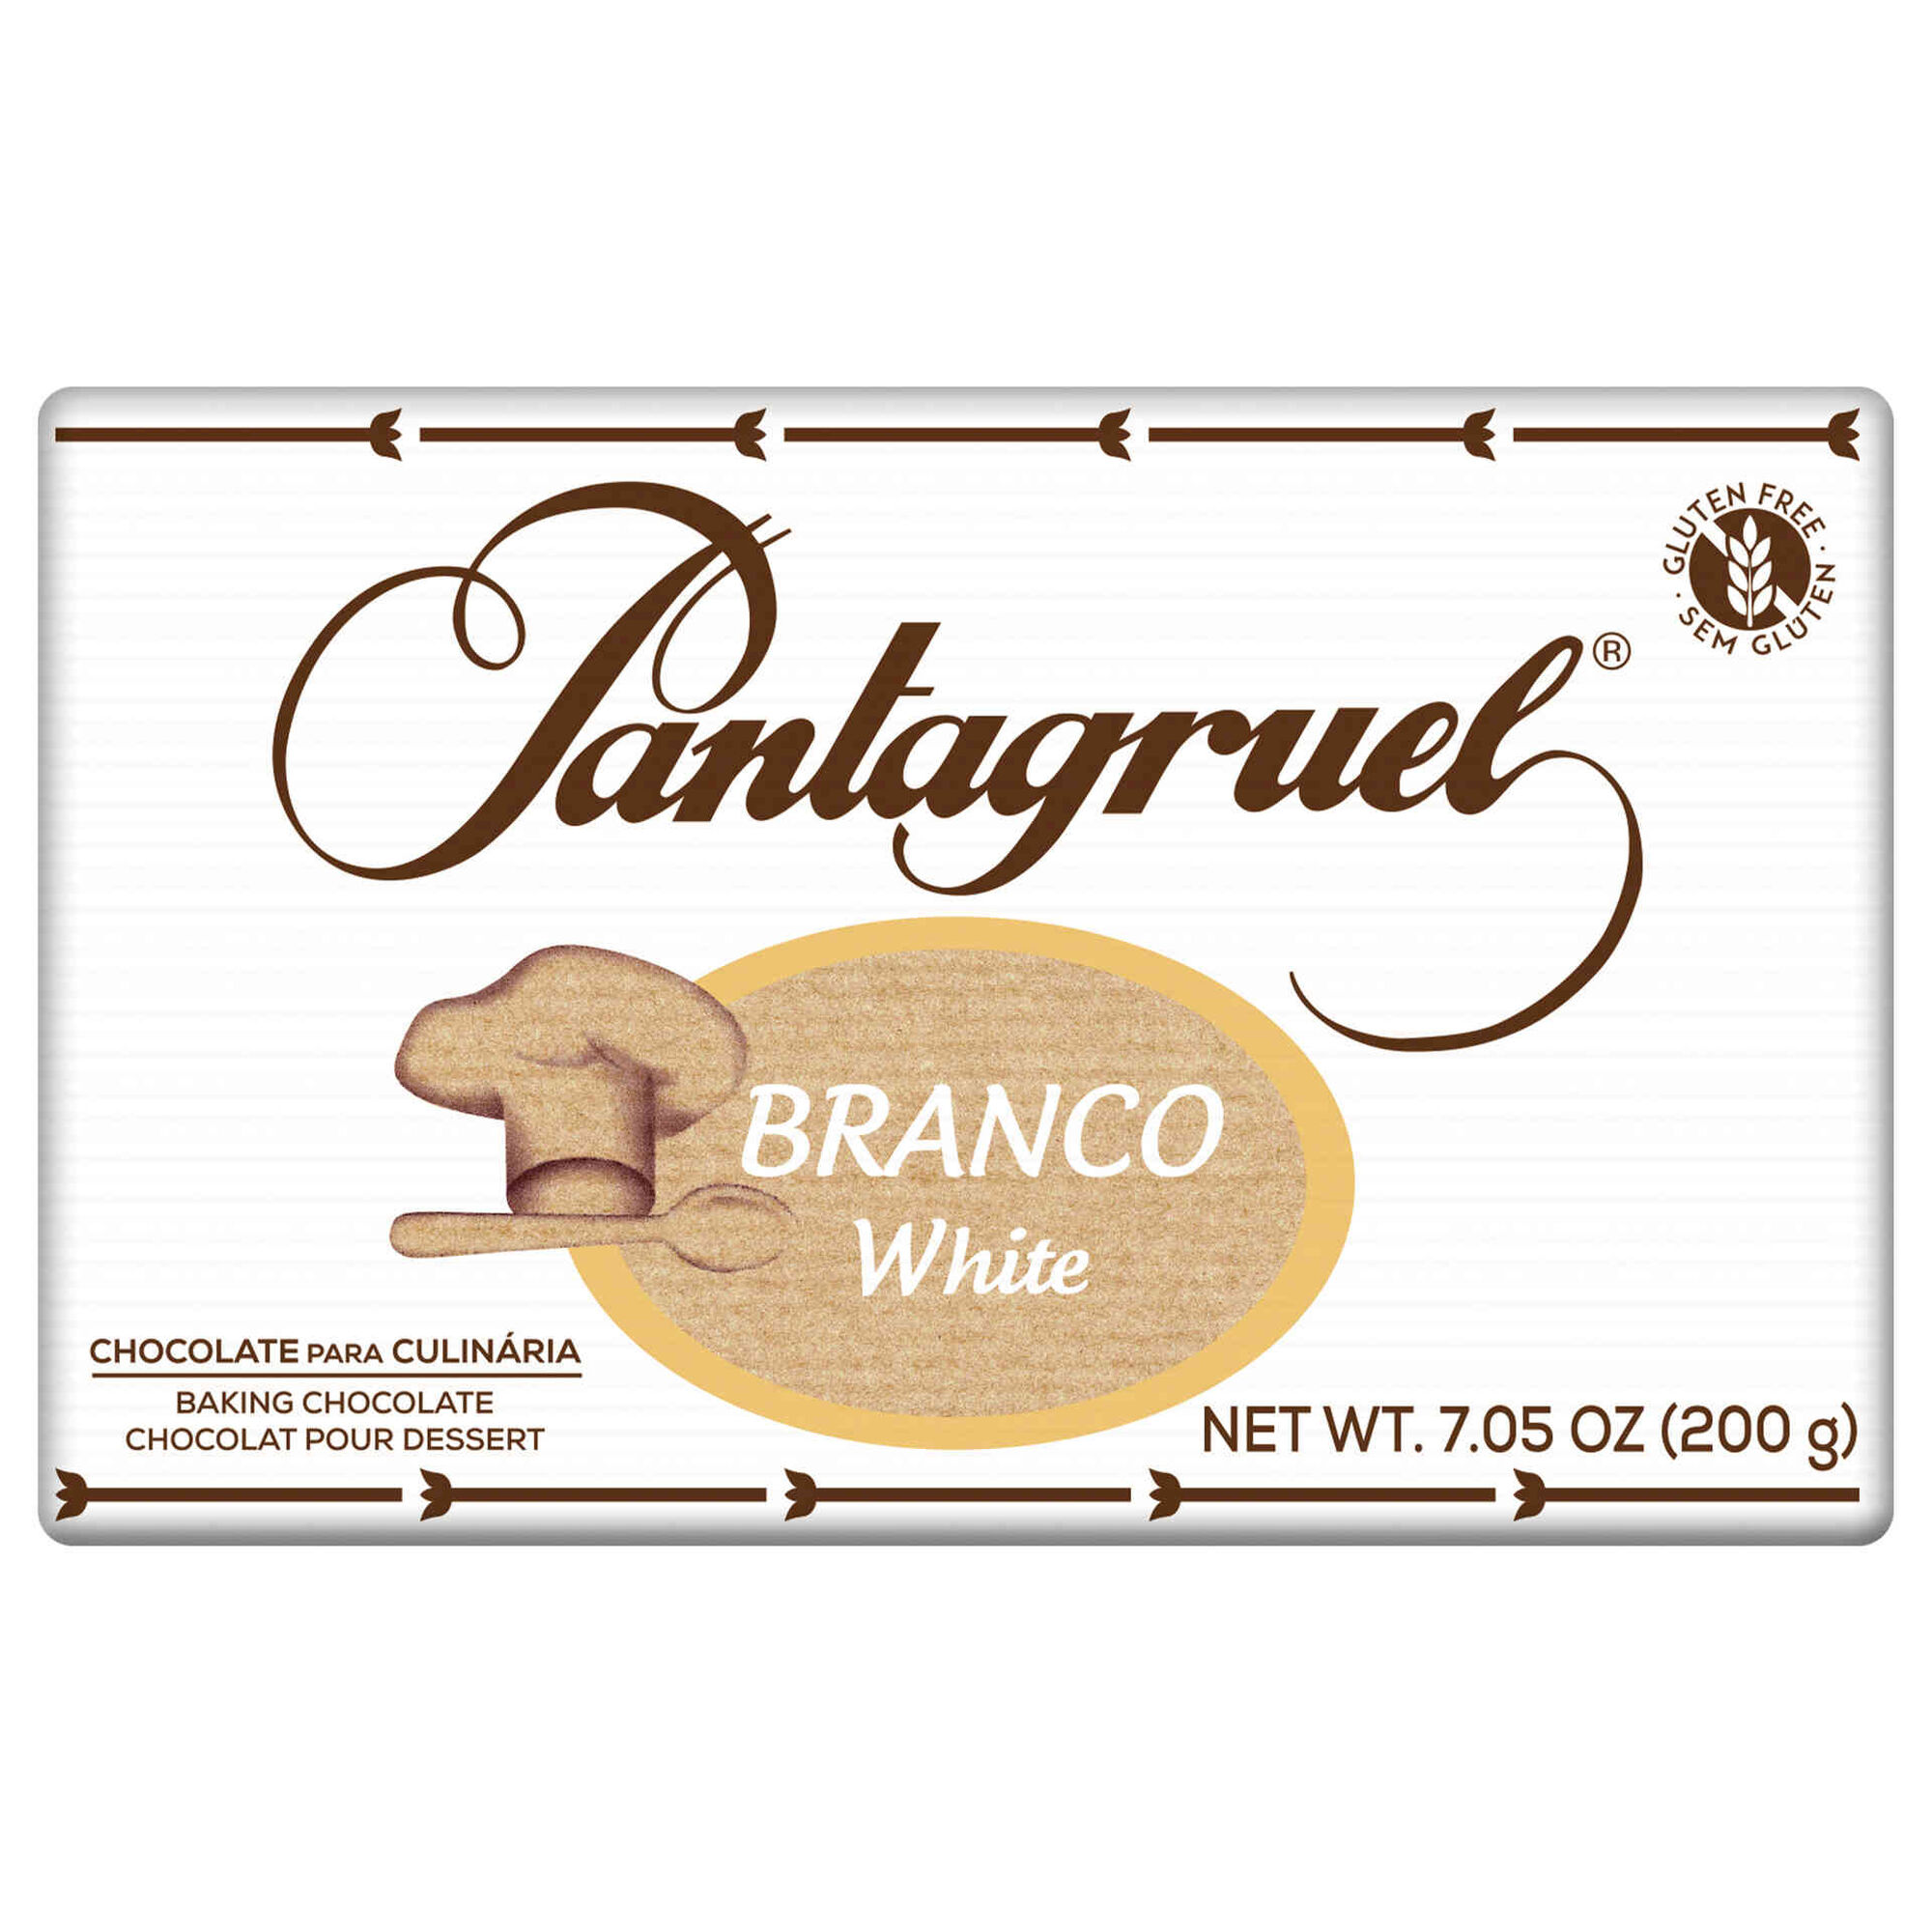 Tablete de Chocolate Branco Culinária sem Glúten